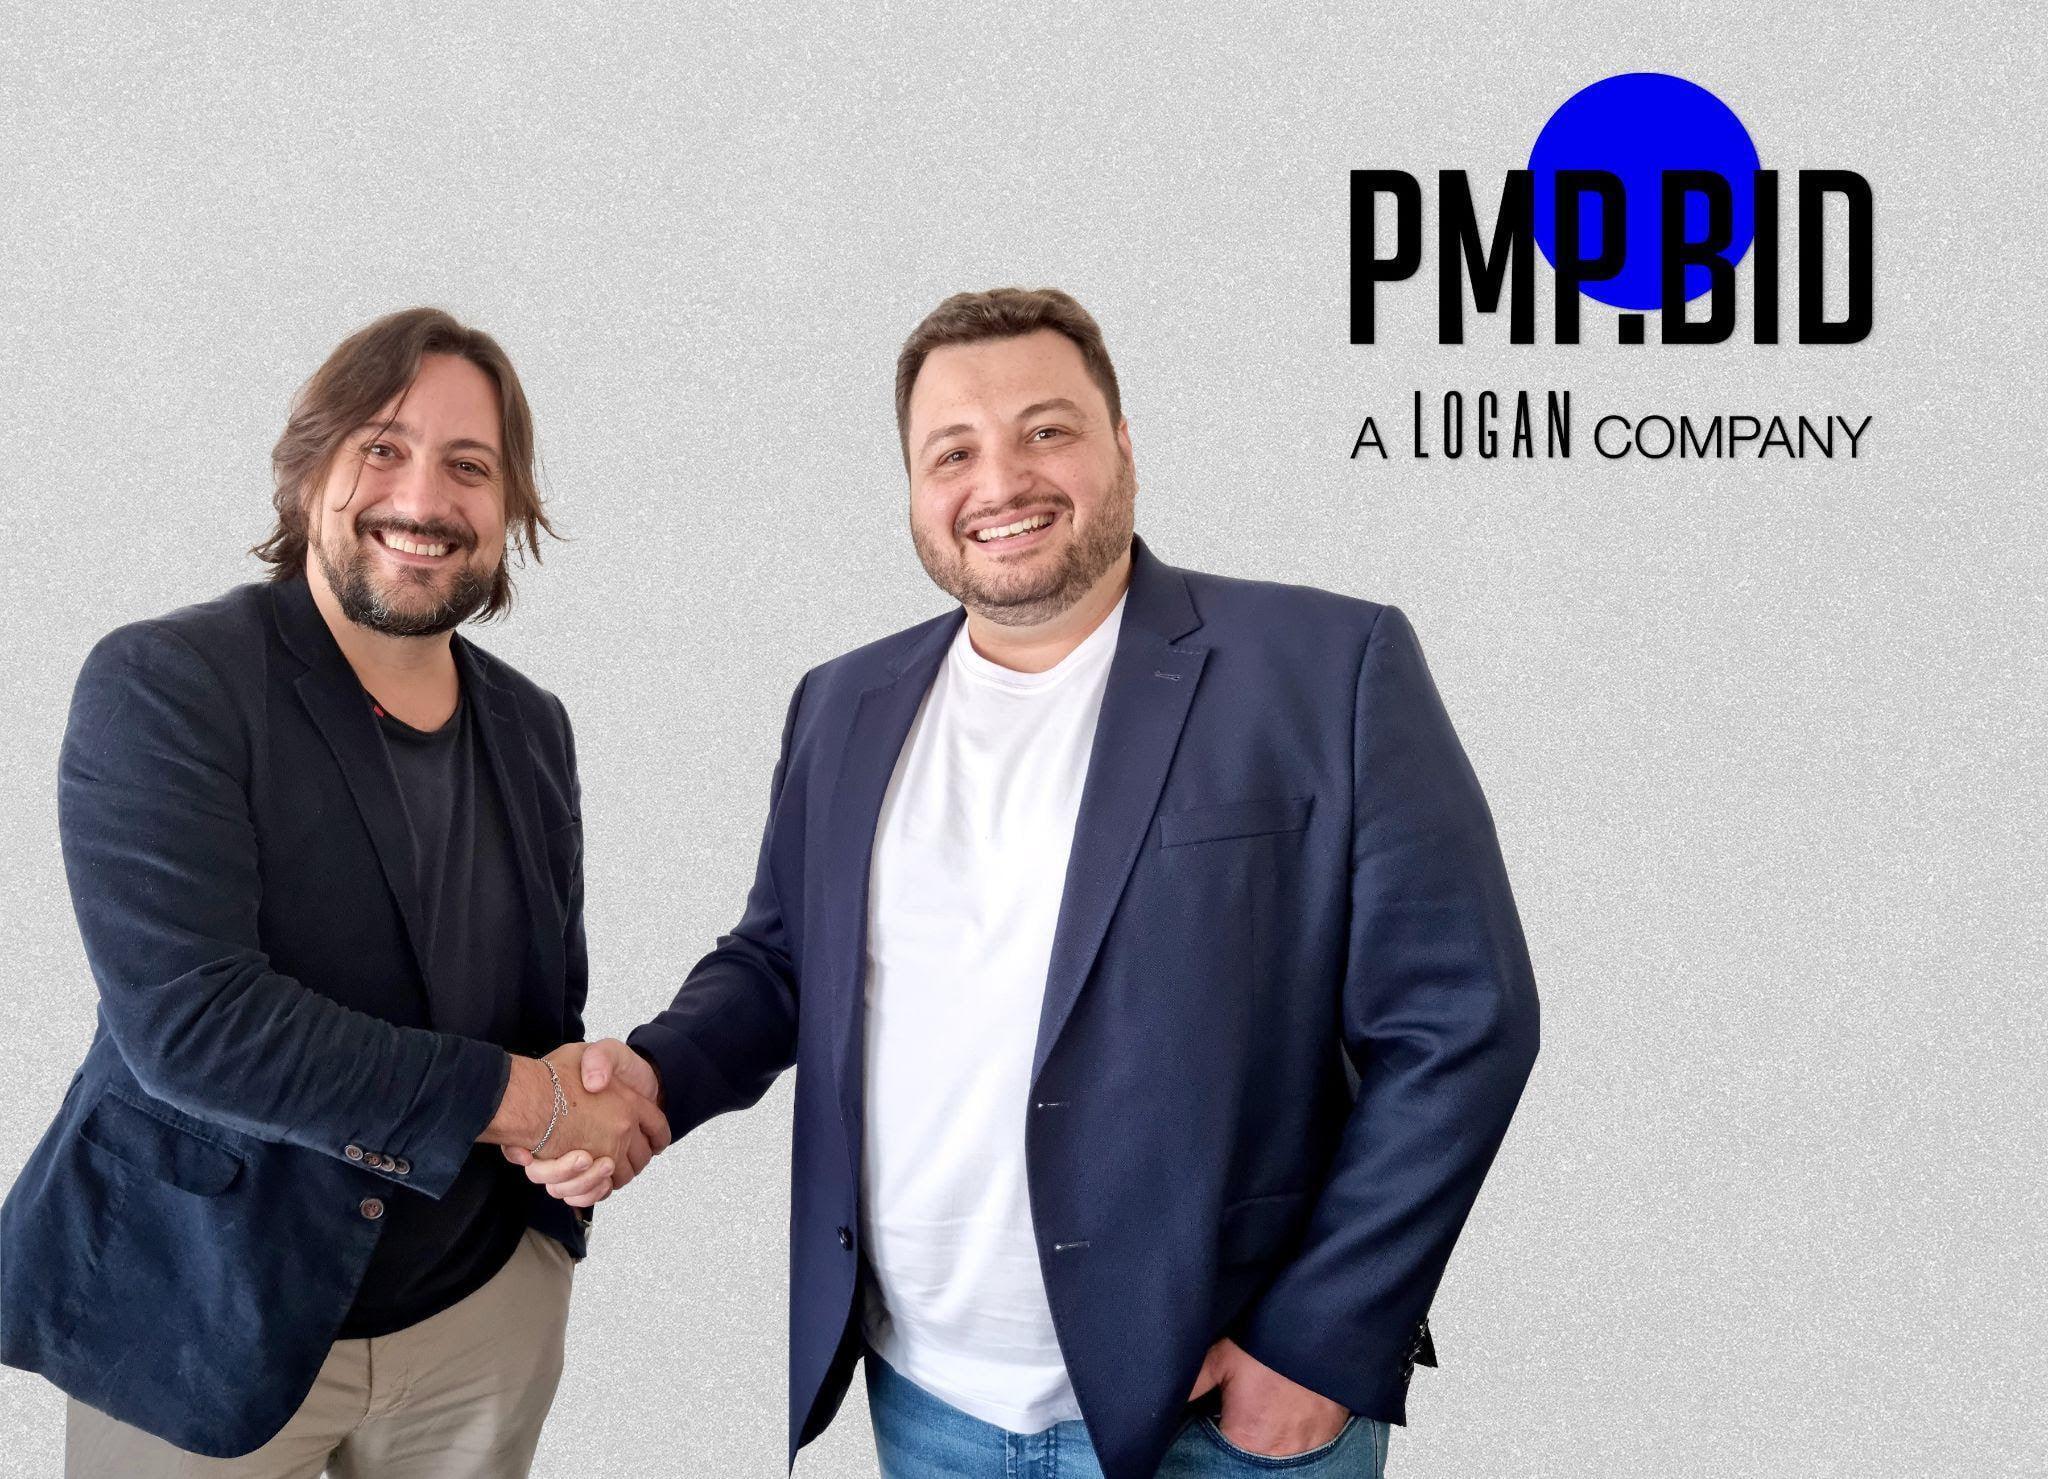 Luciano Ottaviani assume a direção comercial da PMP.BID